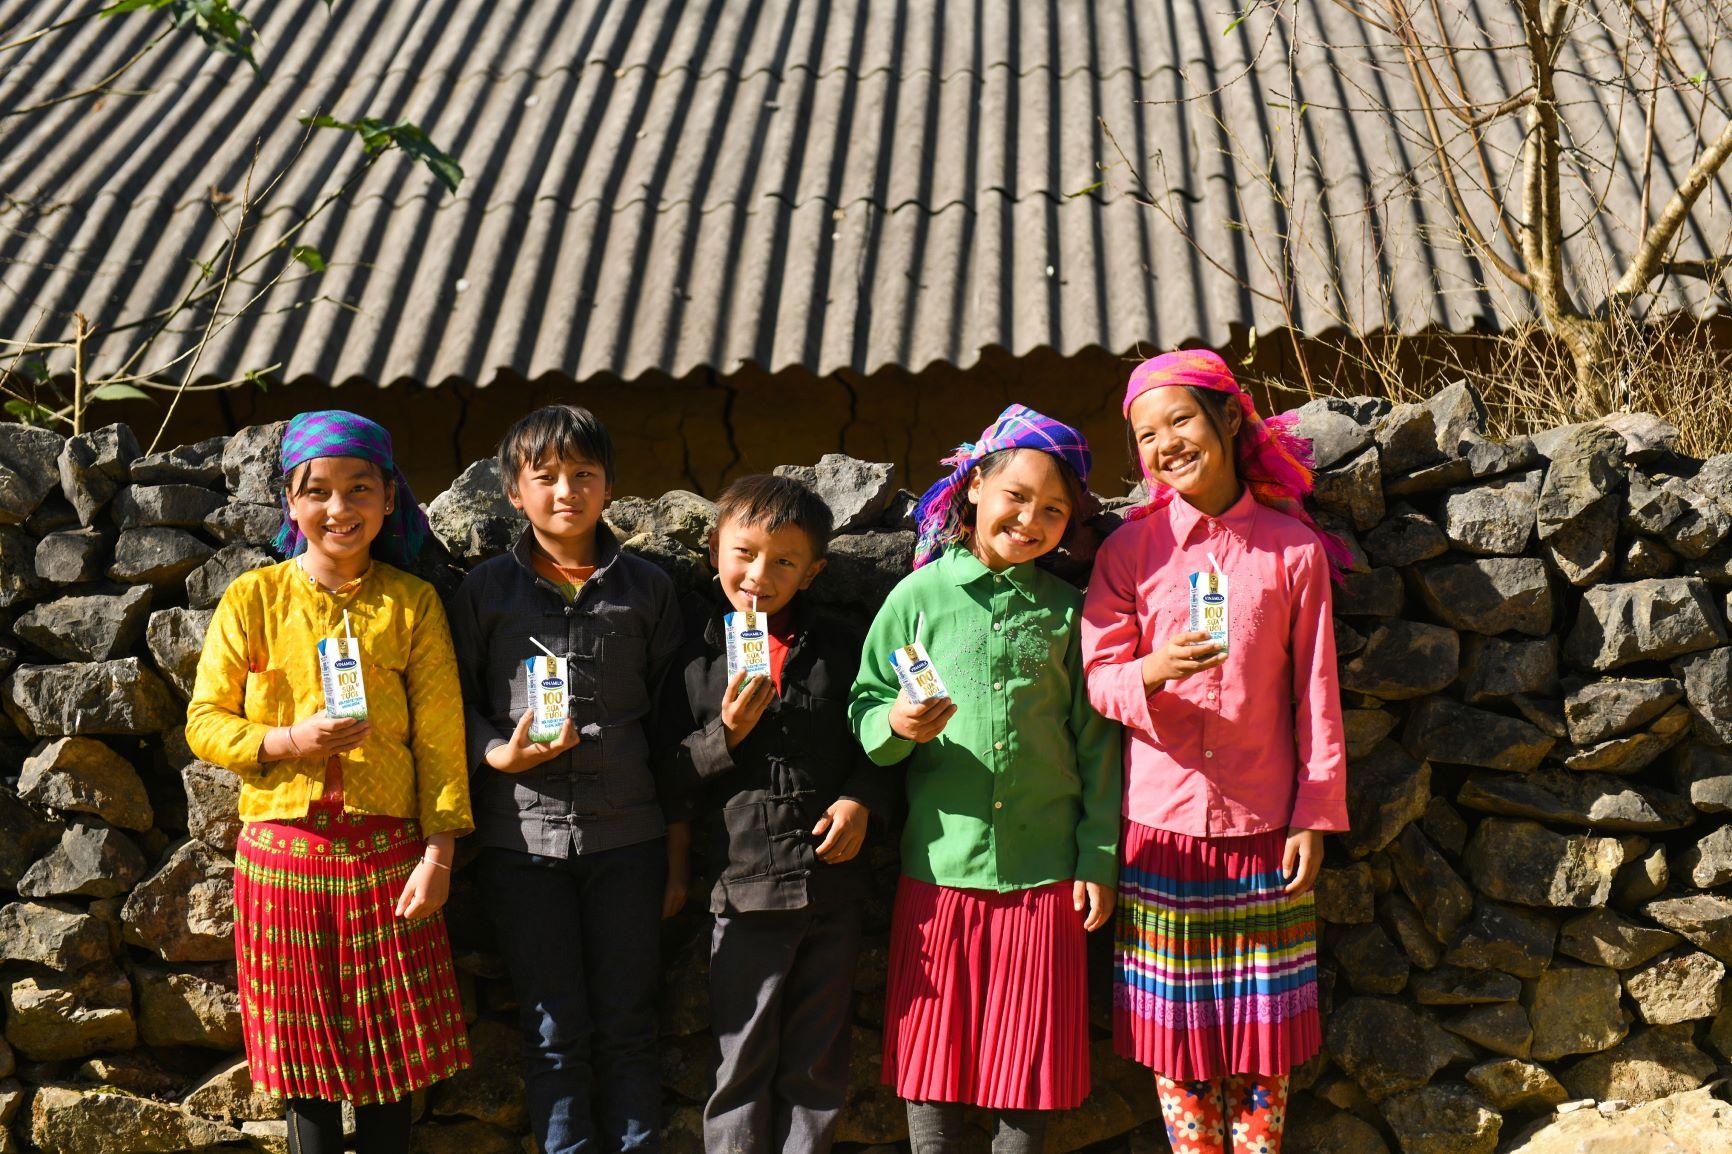 Đến trường với niềm vui uống sữa của trẻ vùng cao Hà Giang đã không còn là ước mơ 10